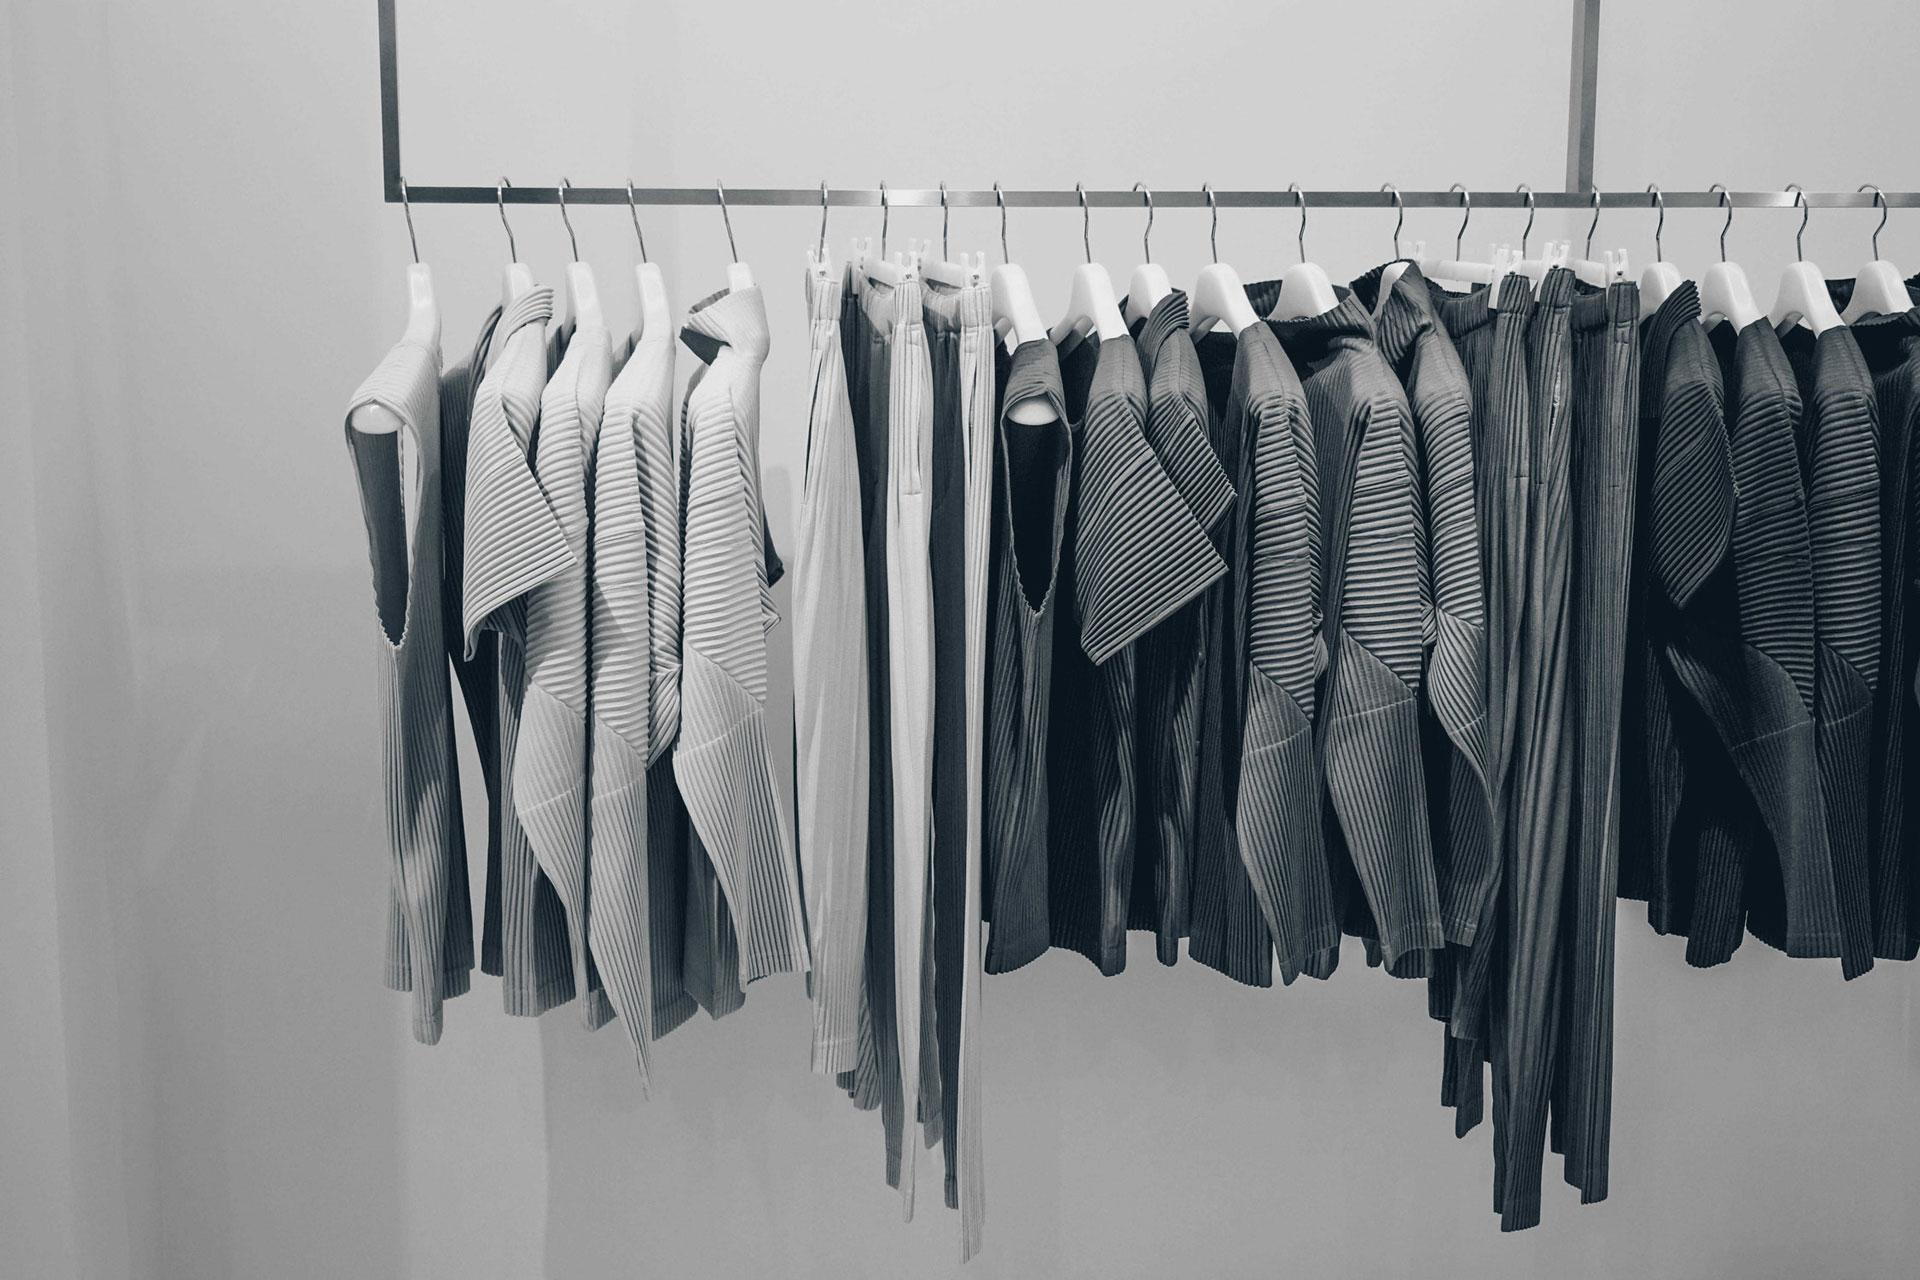 El mercado de segunda mano crece más que el fast fashion